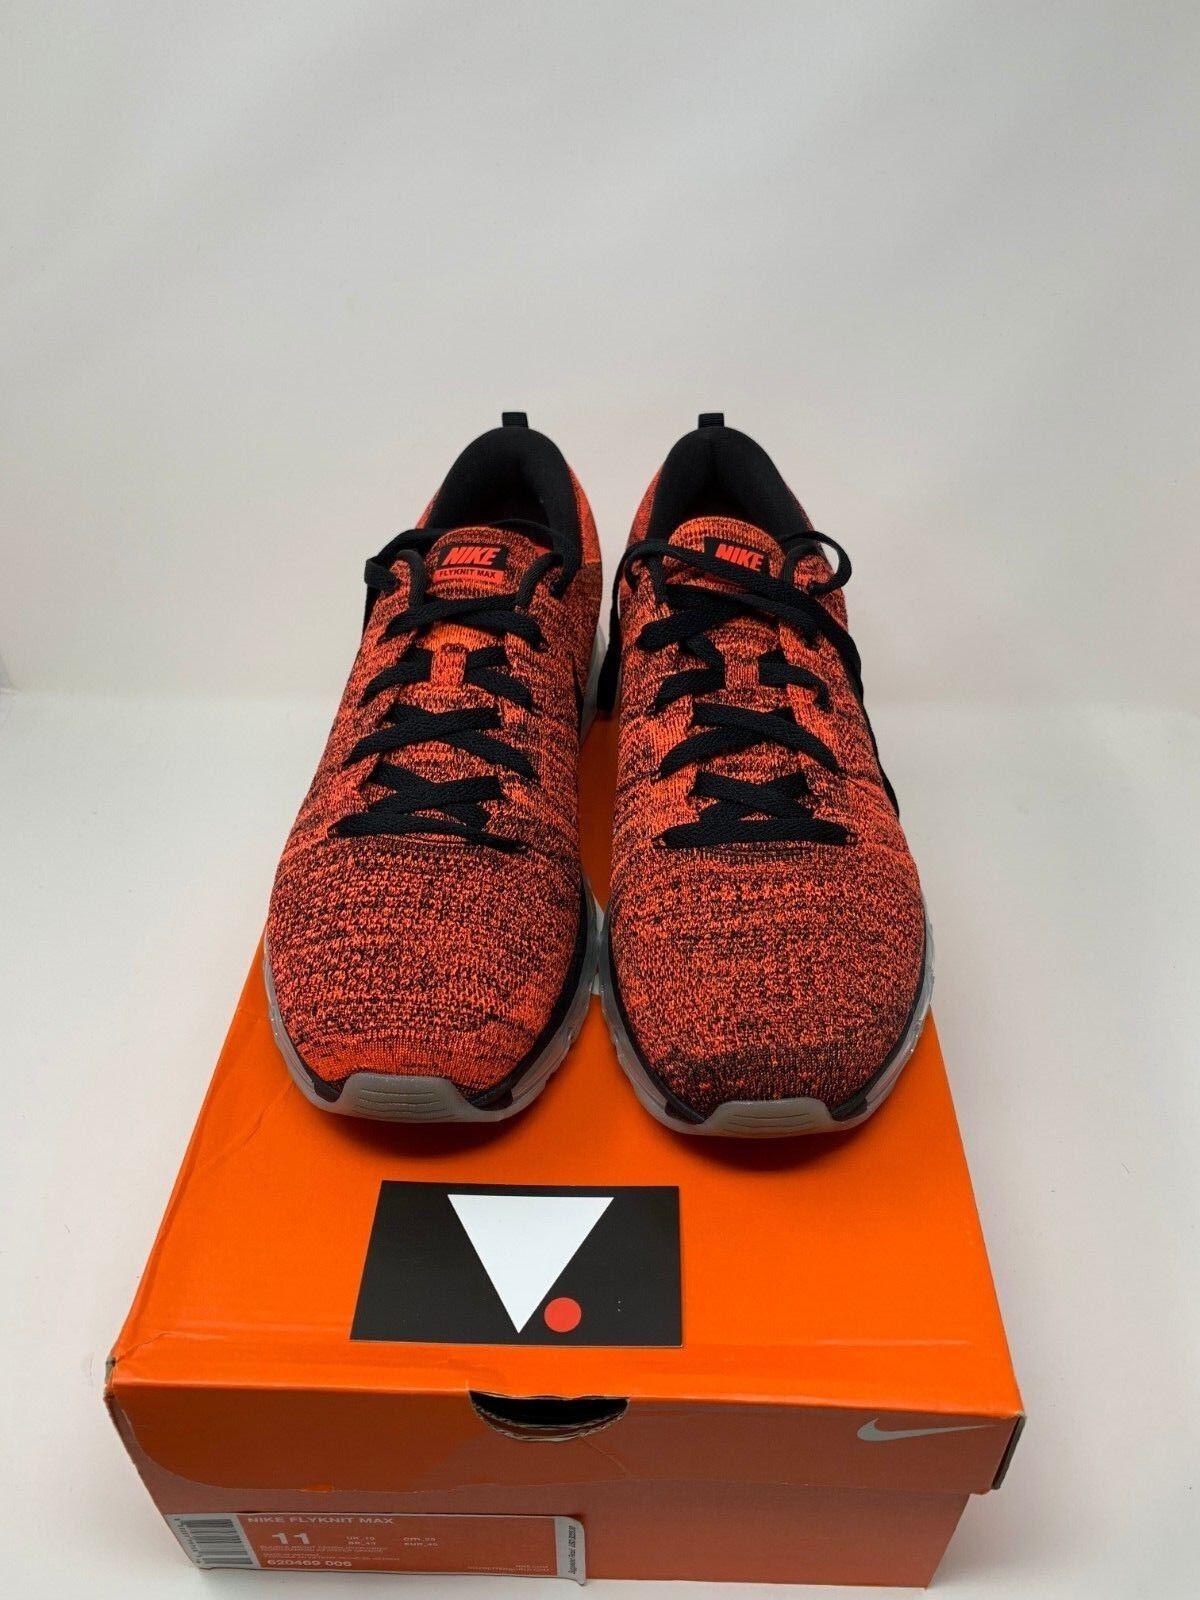 Nike flyknit max helle rote rote rote 620469 006 reagieren und pegasus 074e30